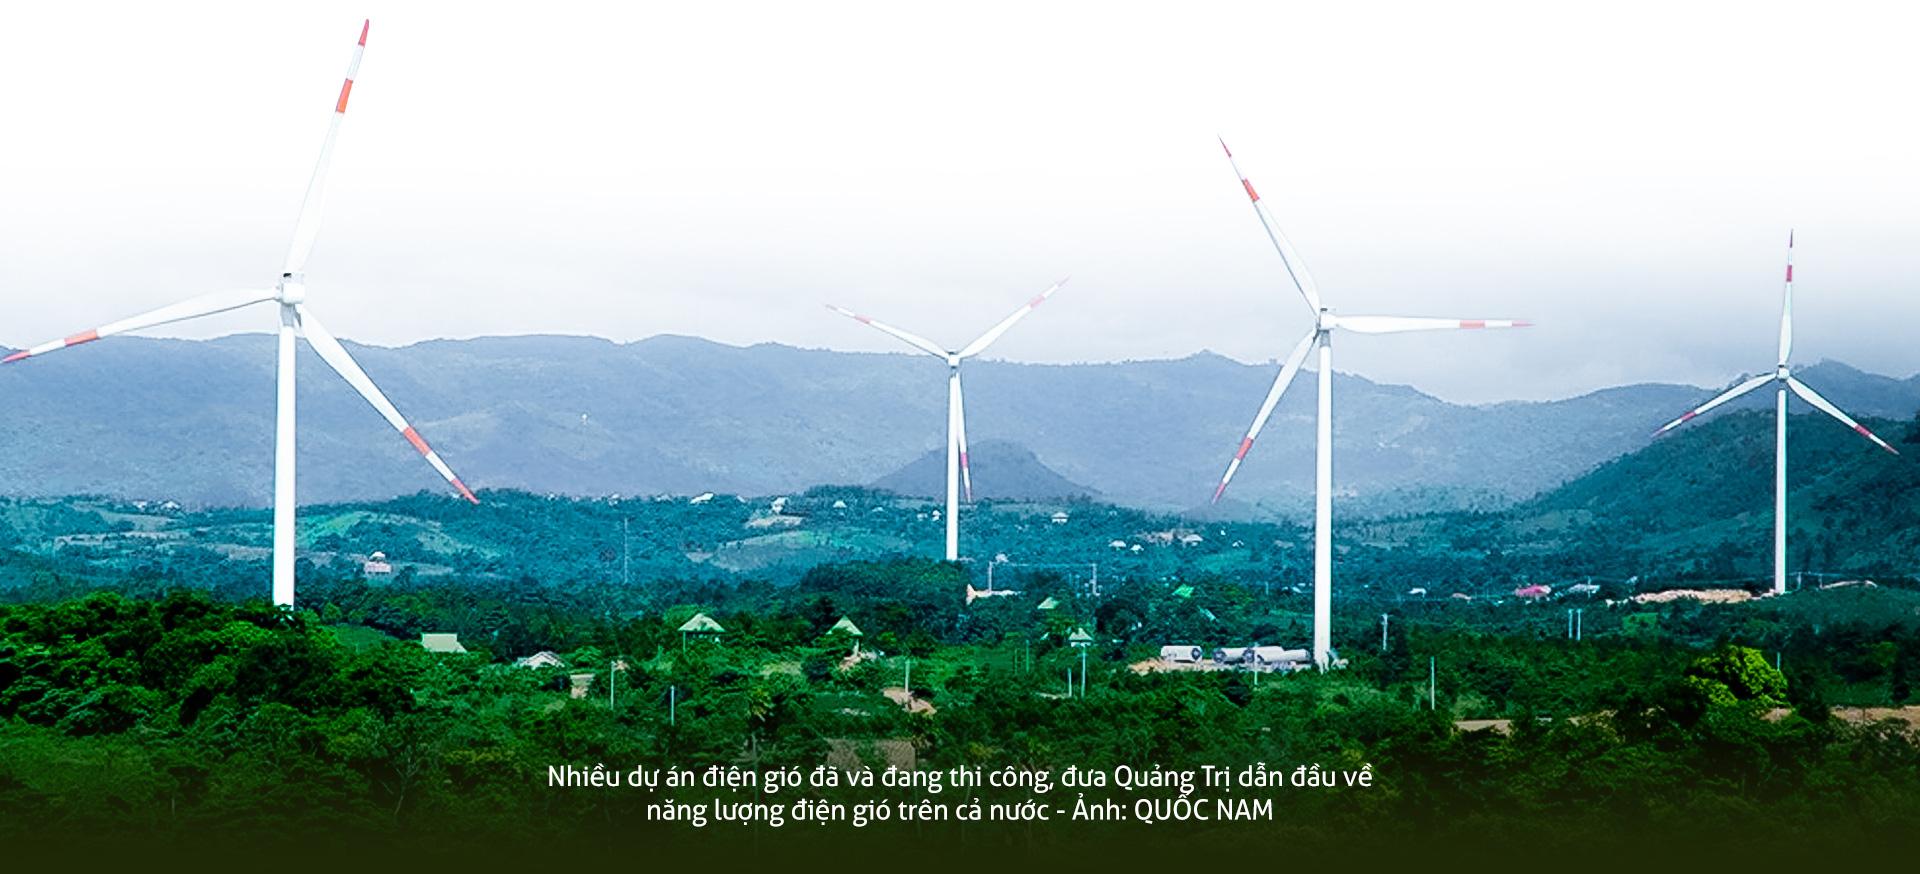 Quảng Trị xây giấc mơ thành trung tâm năng lượng tái tạo - Ảnh 5.